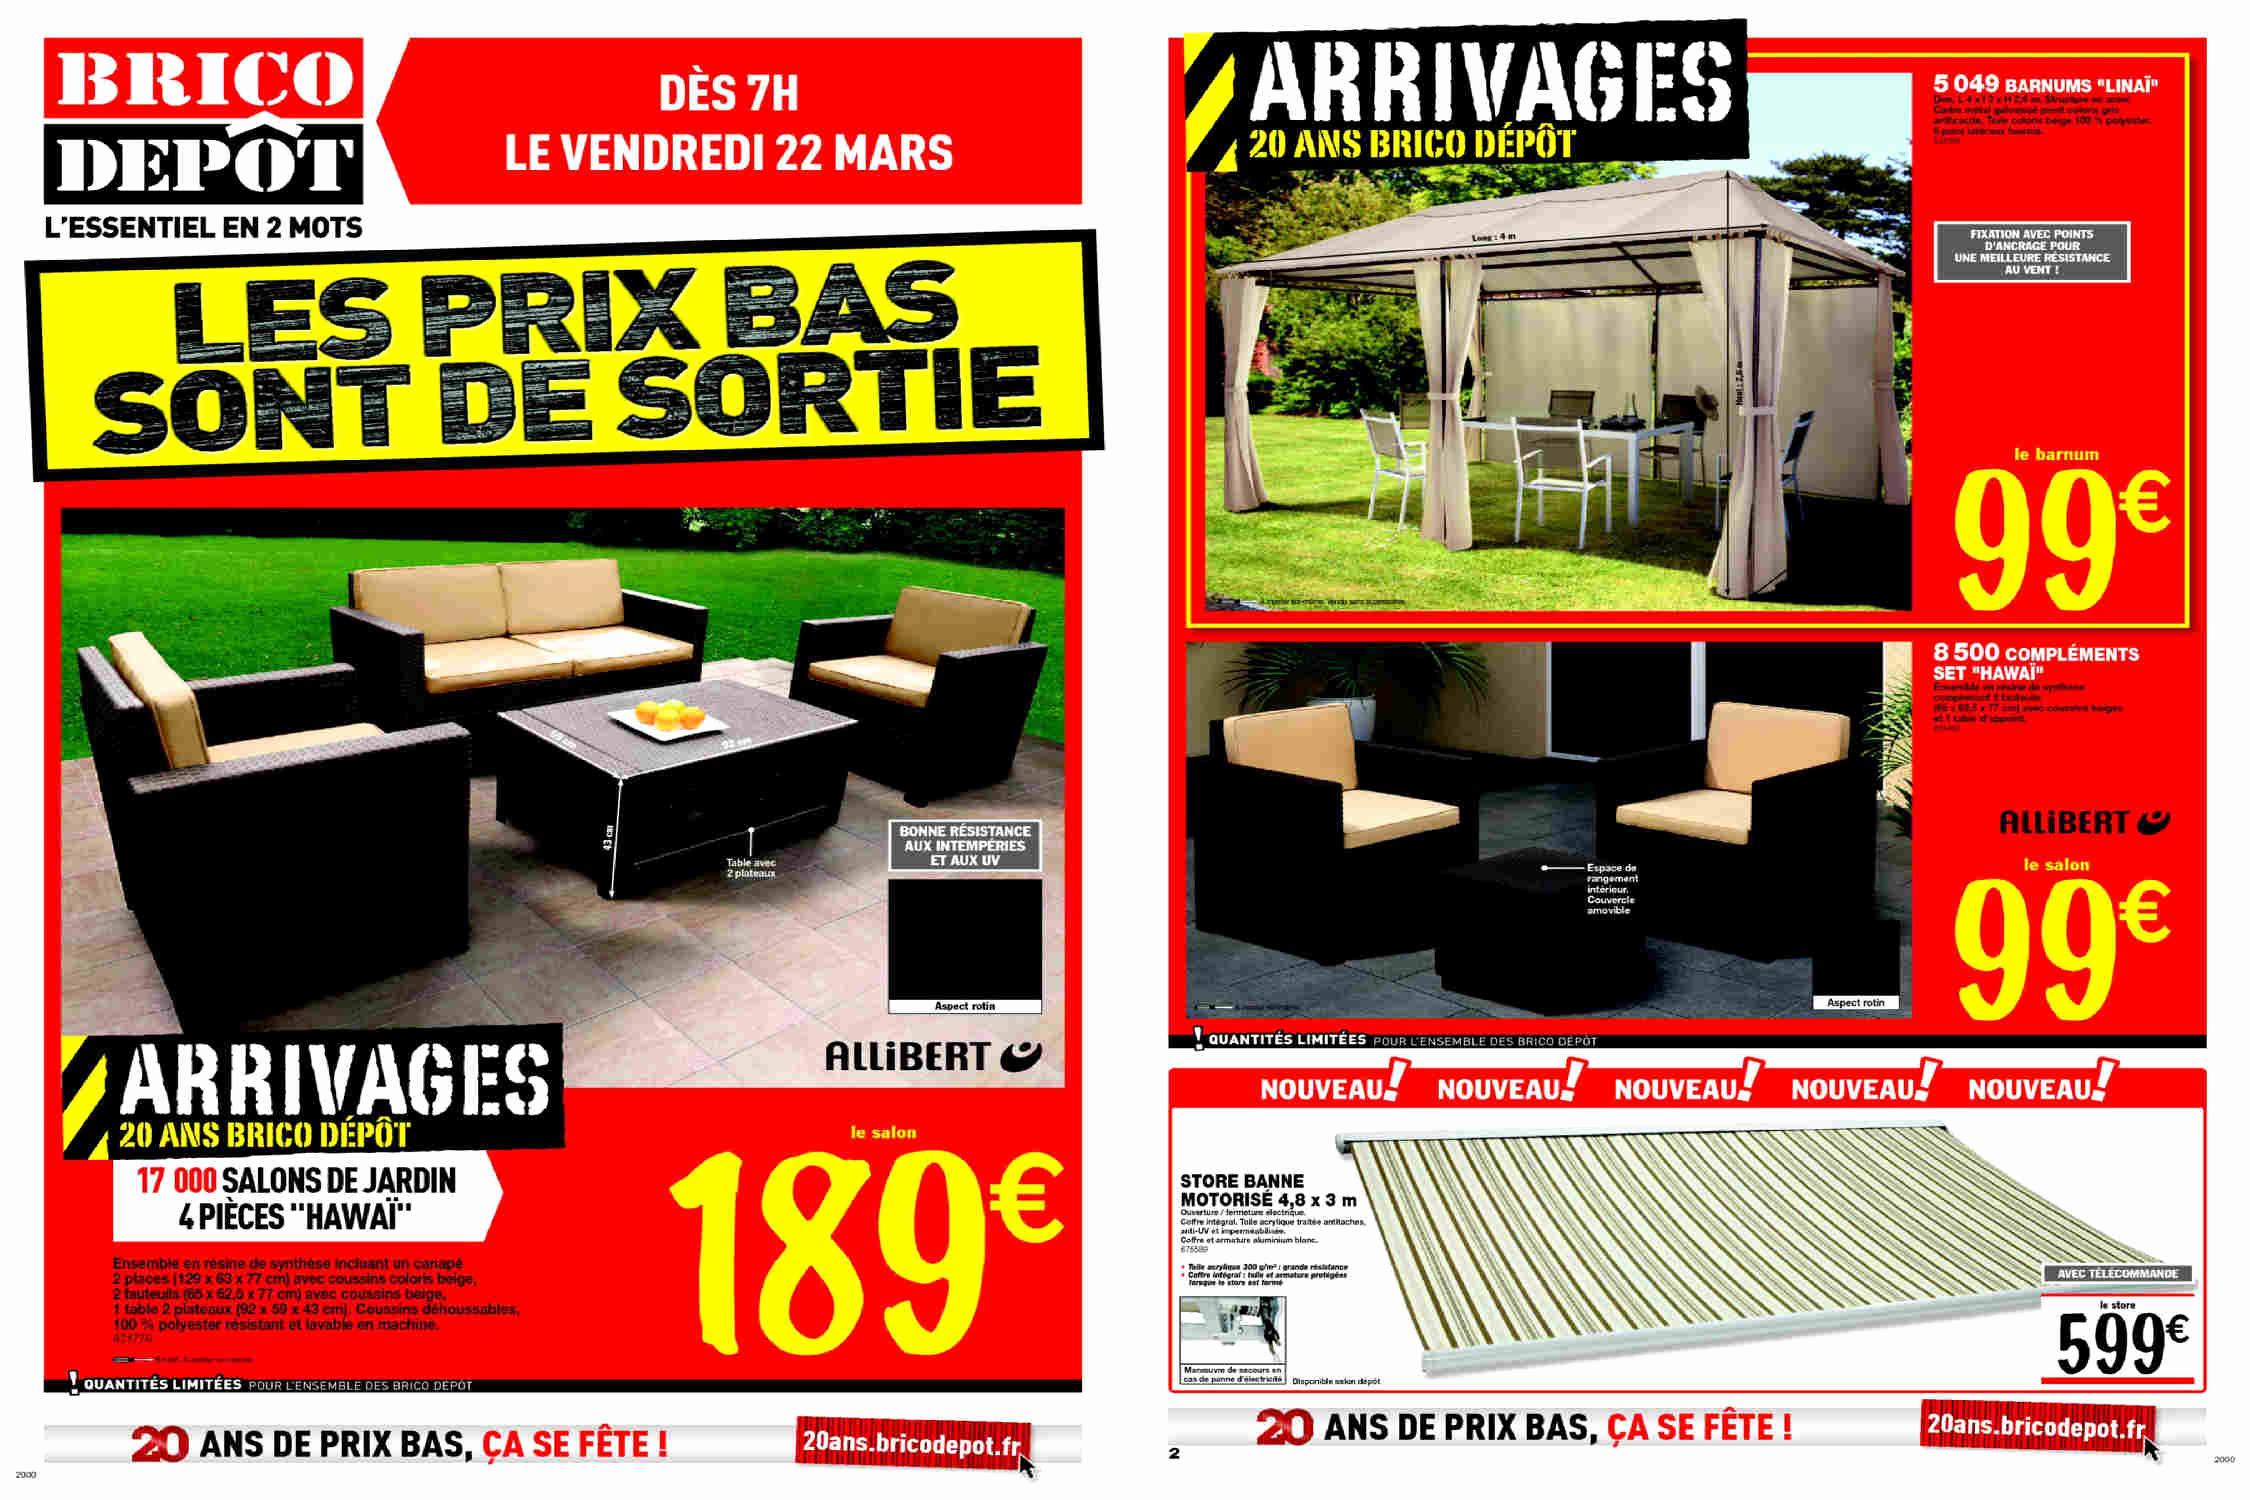 Plexiglass Pas Cher Brico Depot Impressionnant Photographie Cloture Grillage Rigide Brico Depot élégant Ides Dimages De